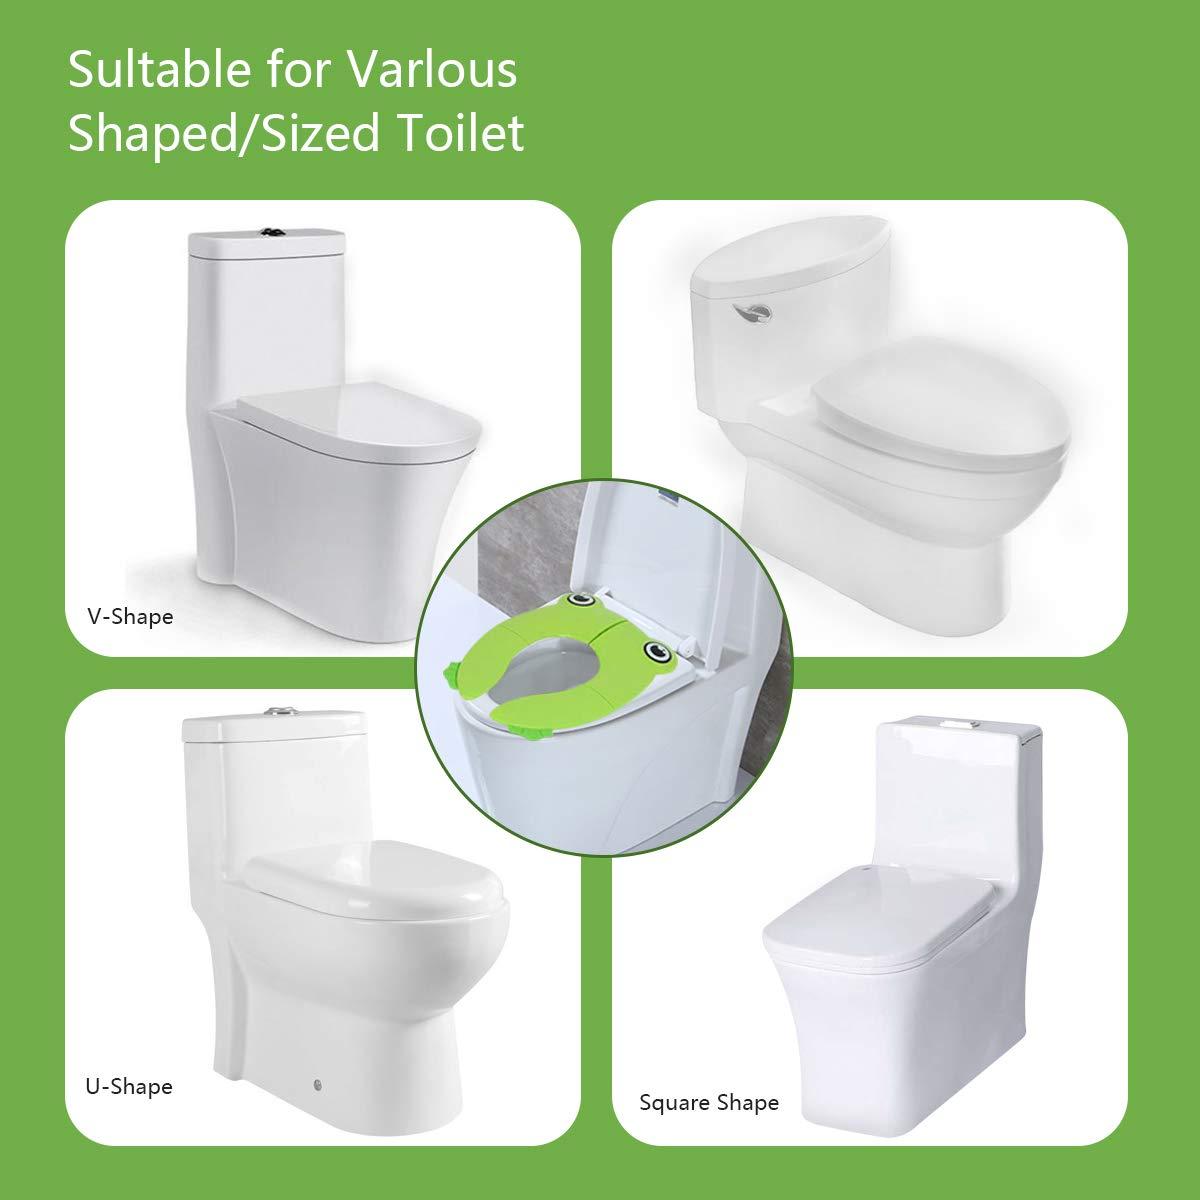 Welltop Asiento de inodoro Almohadillas de asiento de inodoro port/átiles para viajes de entrenamiento para inodoros port/átiles para ni/ños de beb/és